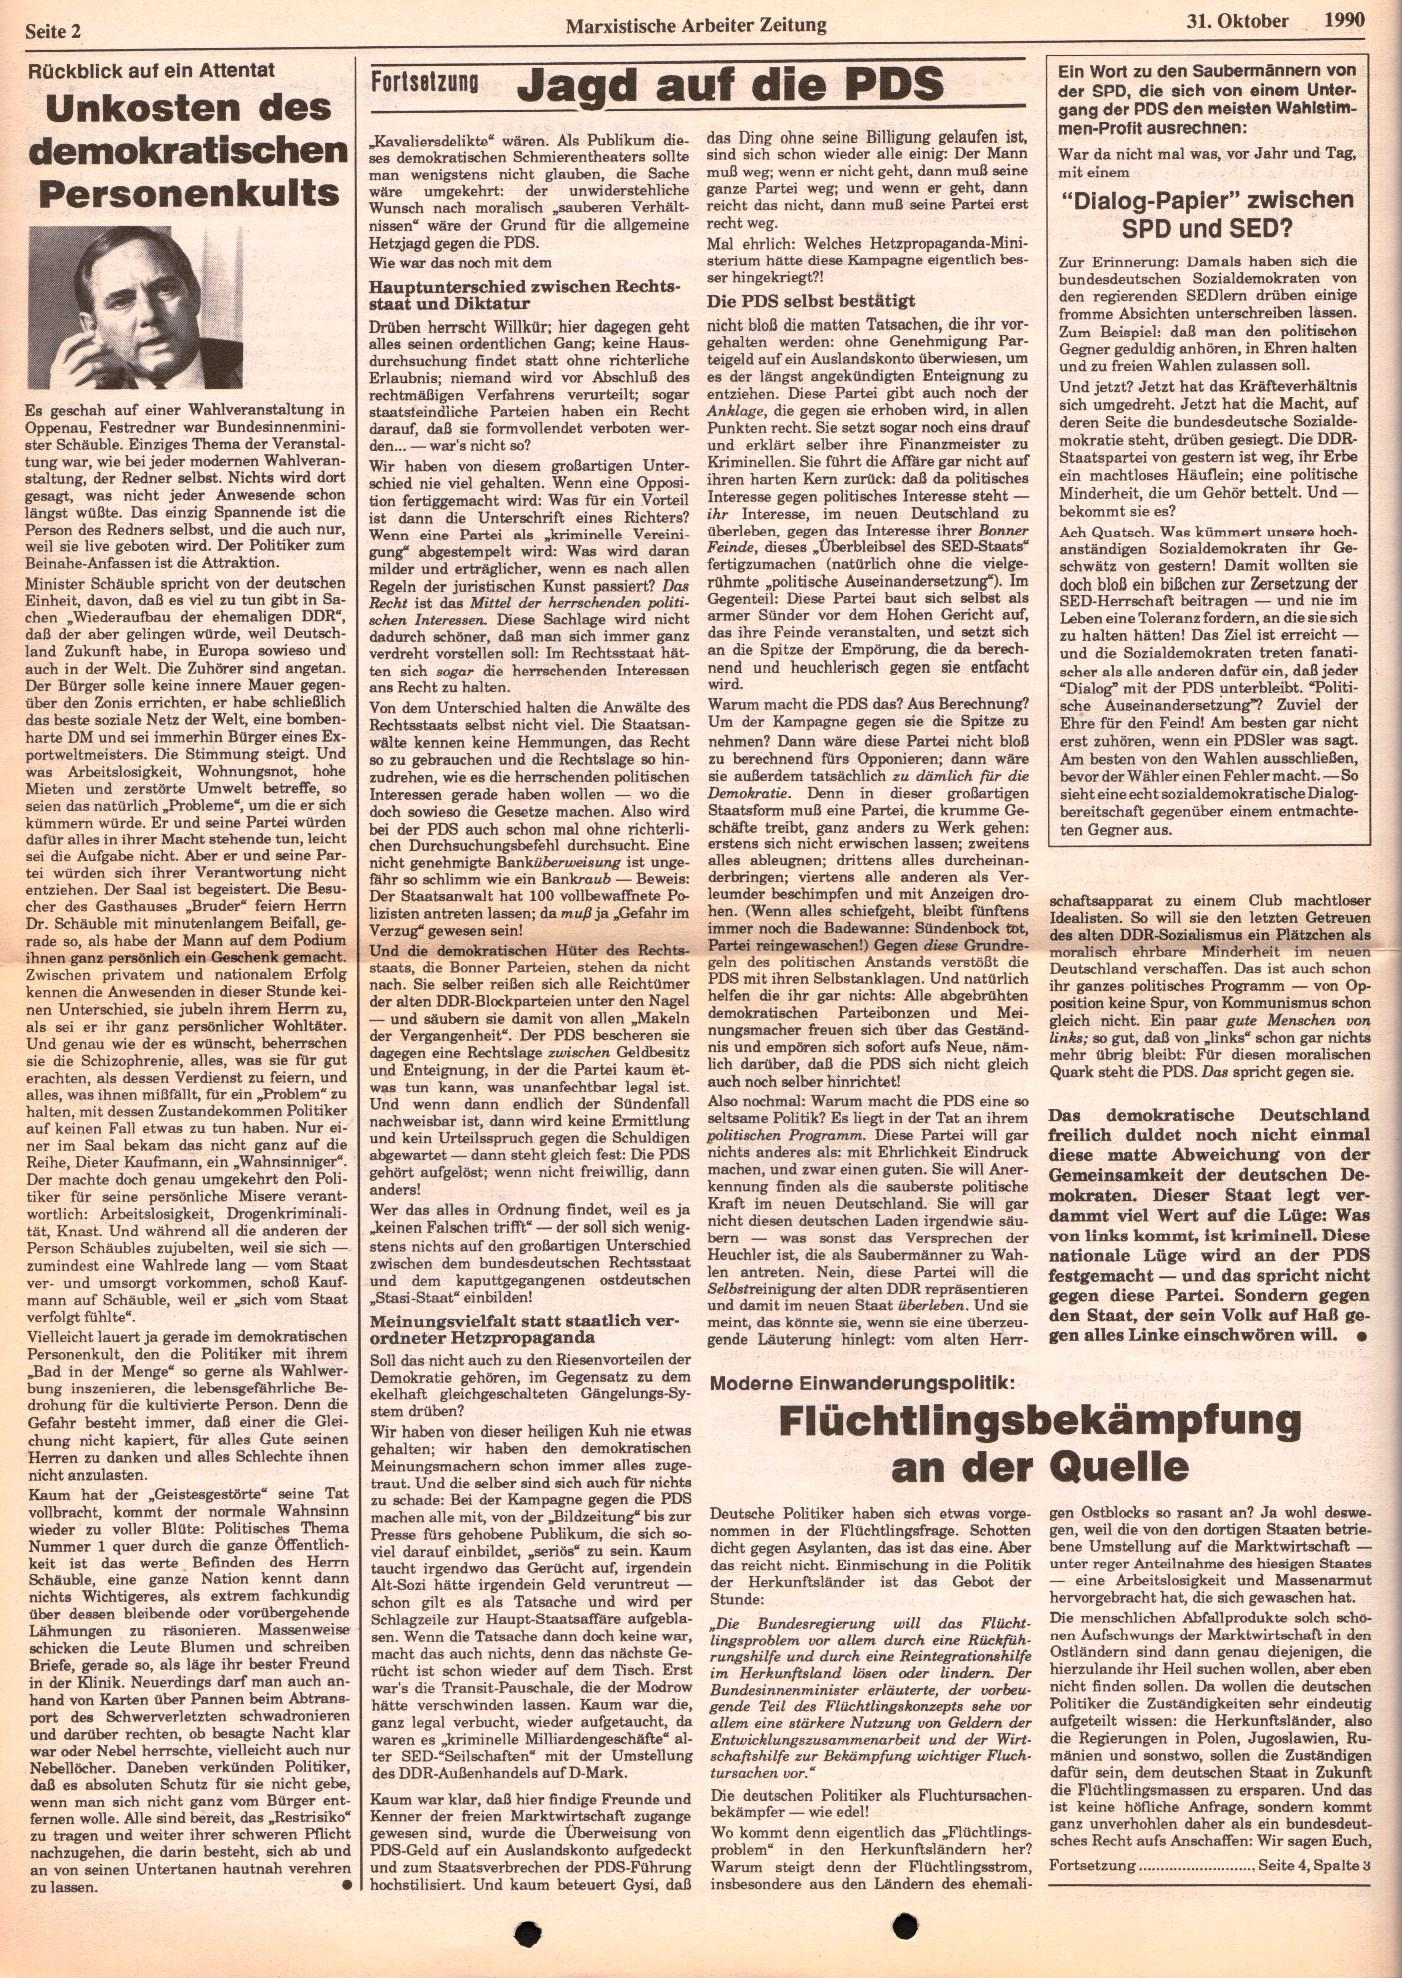 BW_MG_Marxistische_Arbeiterzeitung_19901031_02